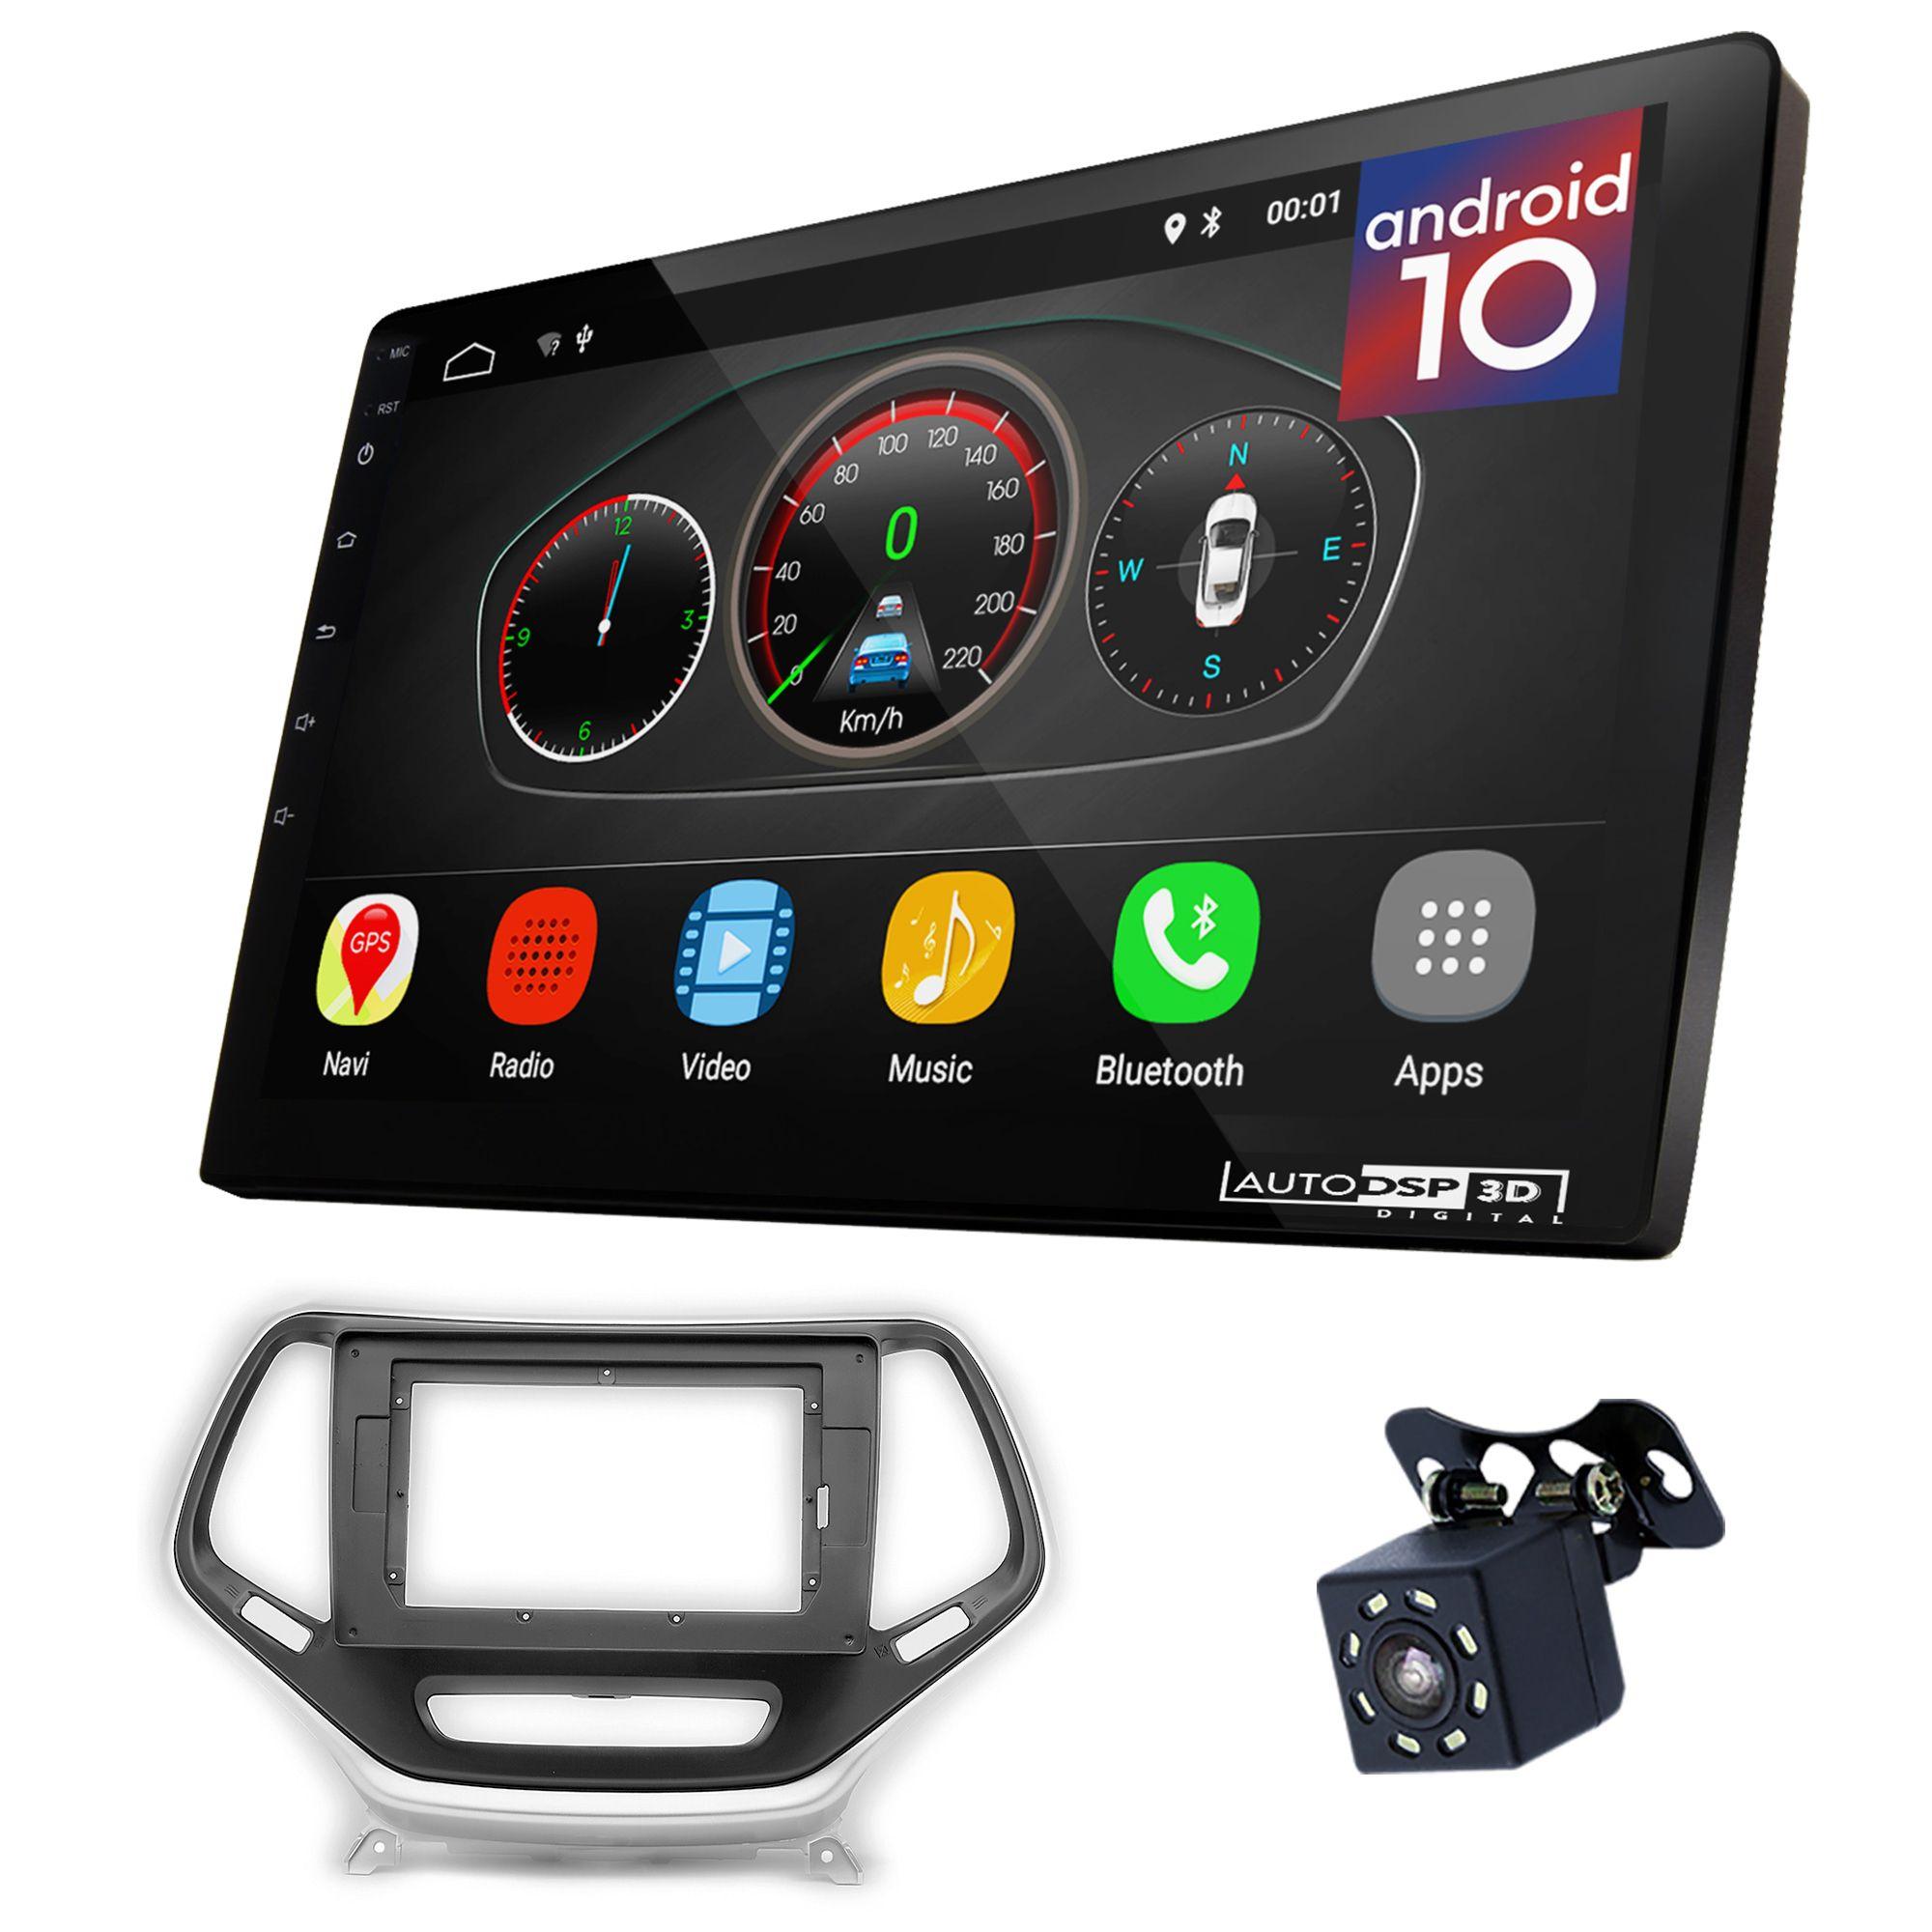 UGAR EX10 10 pollici Android 10.0 DSP Auto Stereo Radio Plus 22-811L Fascia Kit compatibile per Jeep Cherokee 2014+